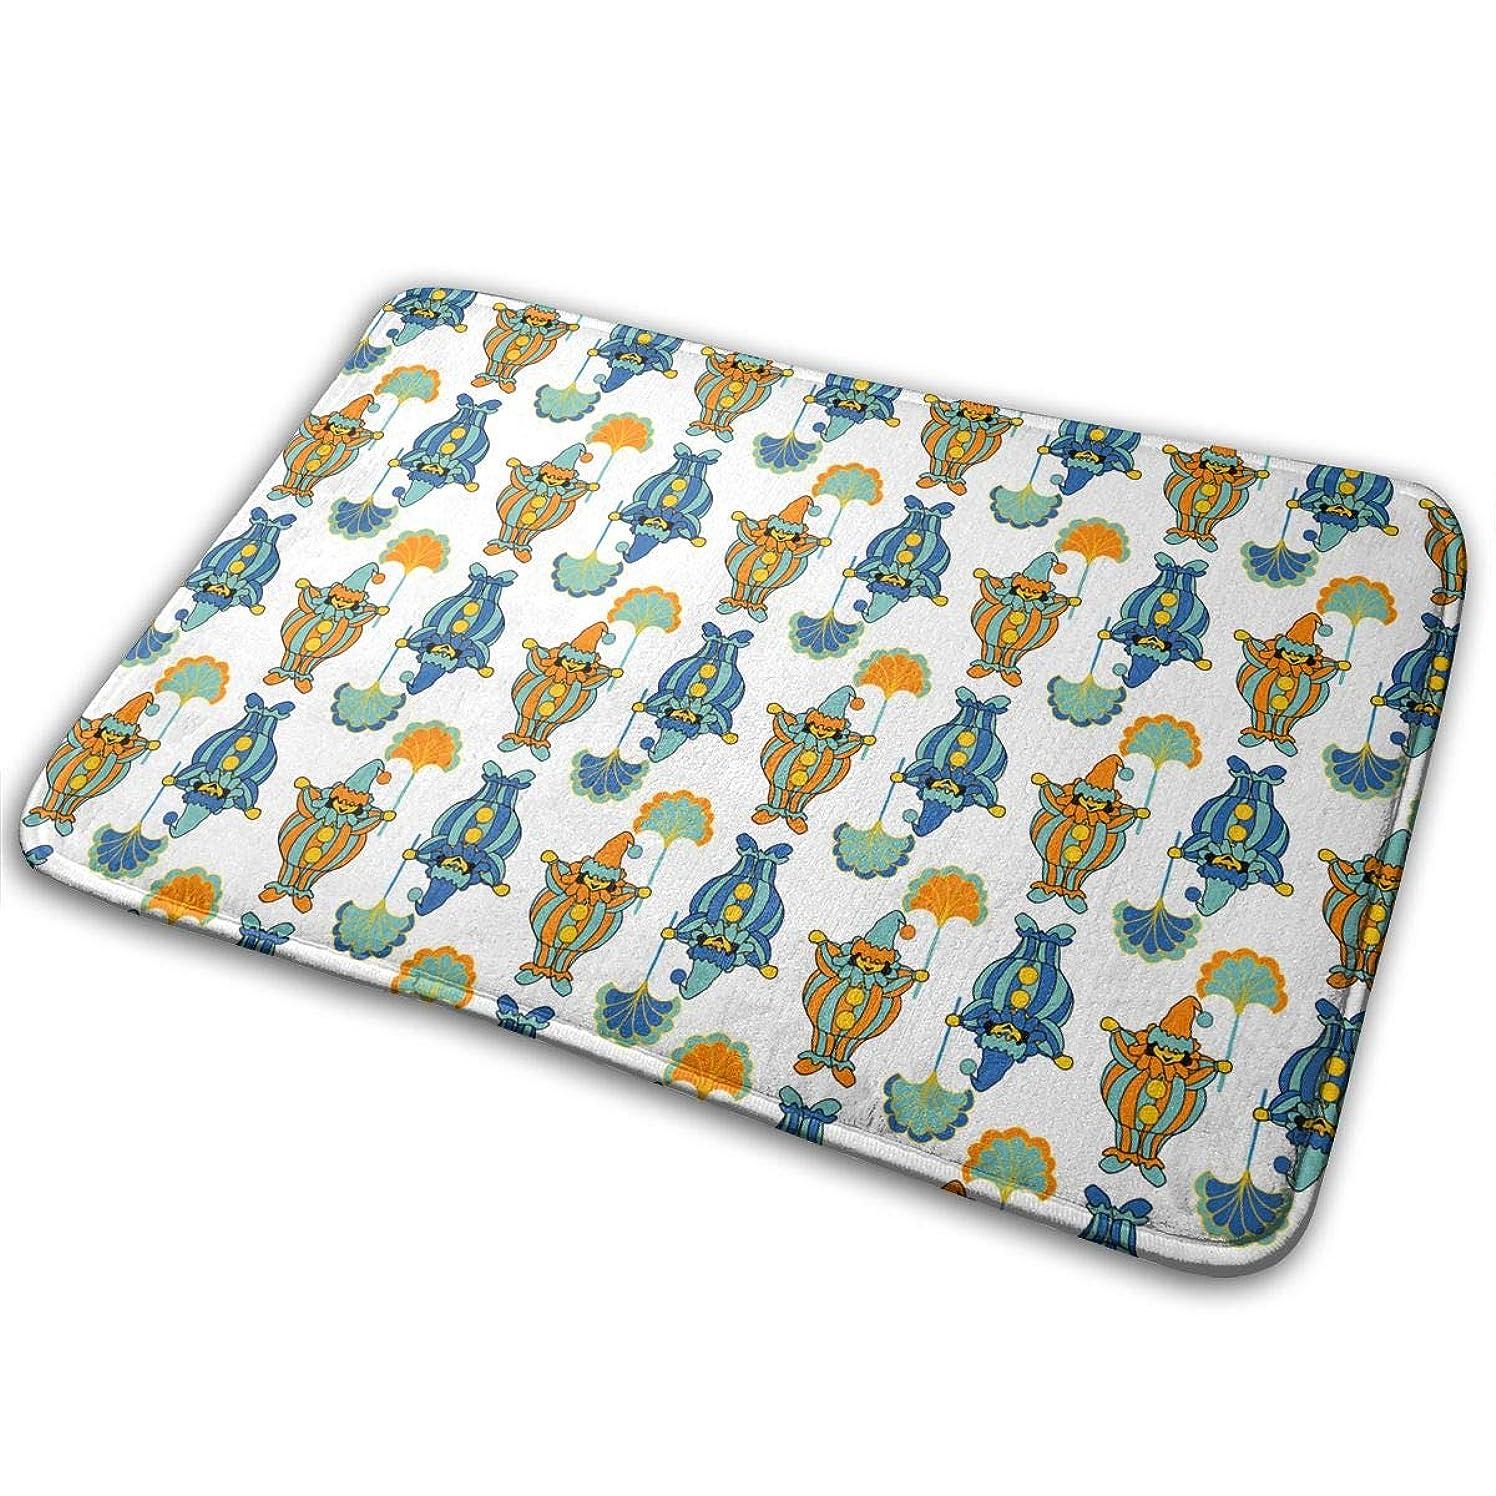 EWFXZq Fat Clown Doormats Anti-Slip House Garden Gate Carpet Door Mat Floor Pads 15.7